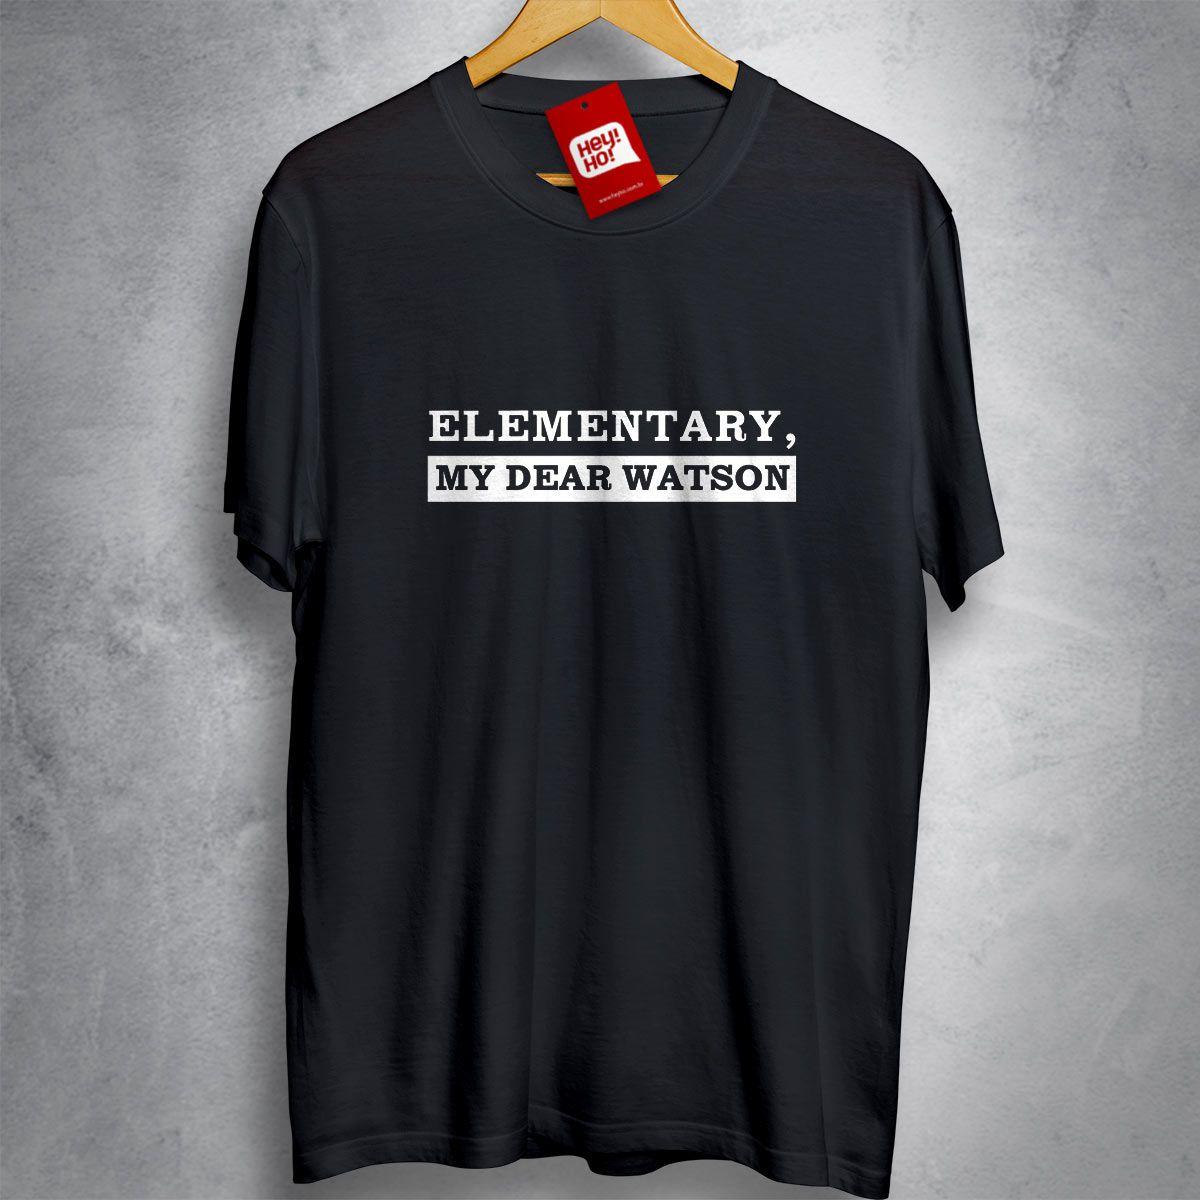 SHERLOCK HOLMES - Elementary, my dear Watson